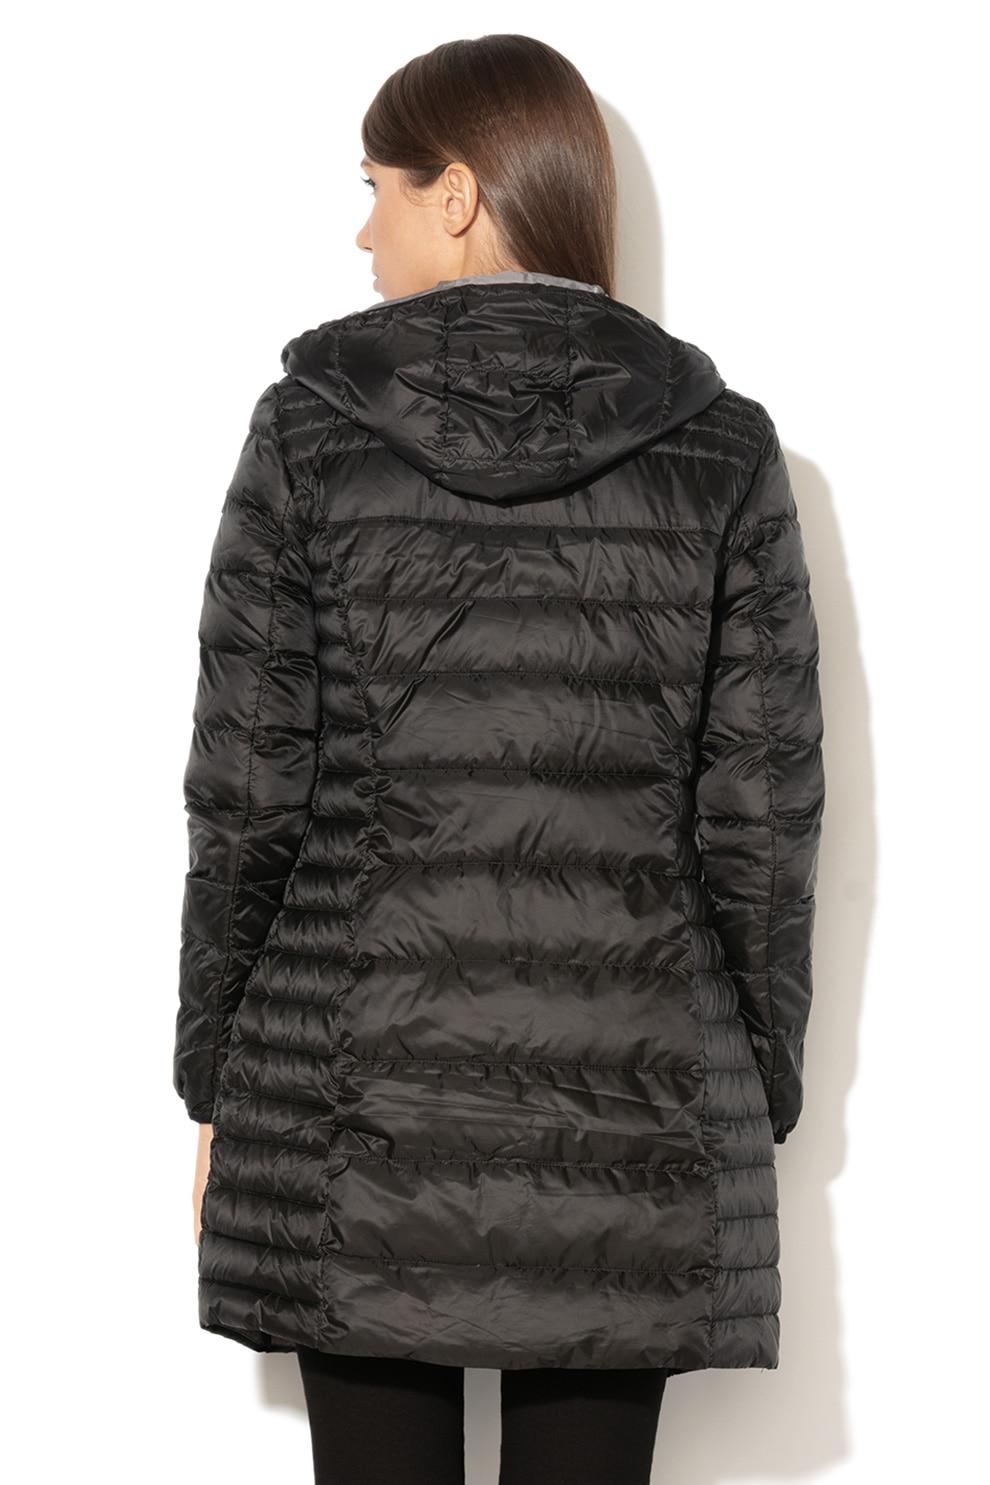 Esprit, Könnyű, pihével bélelt hosszú dzseki, Fekete, M